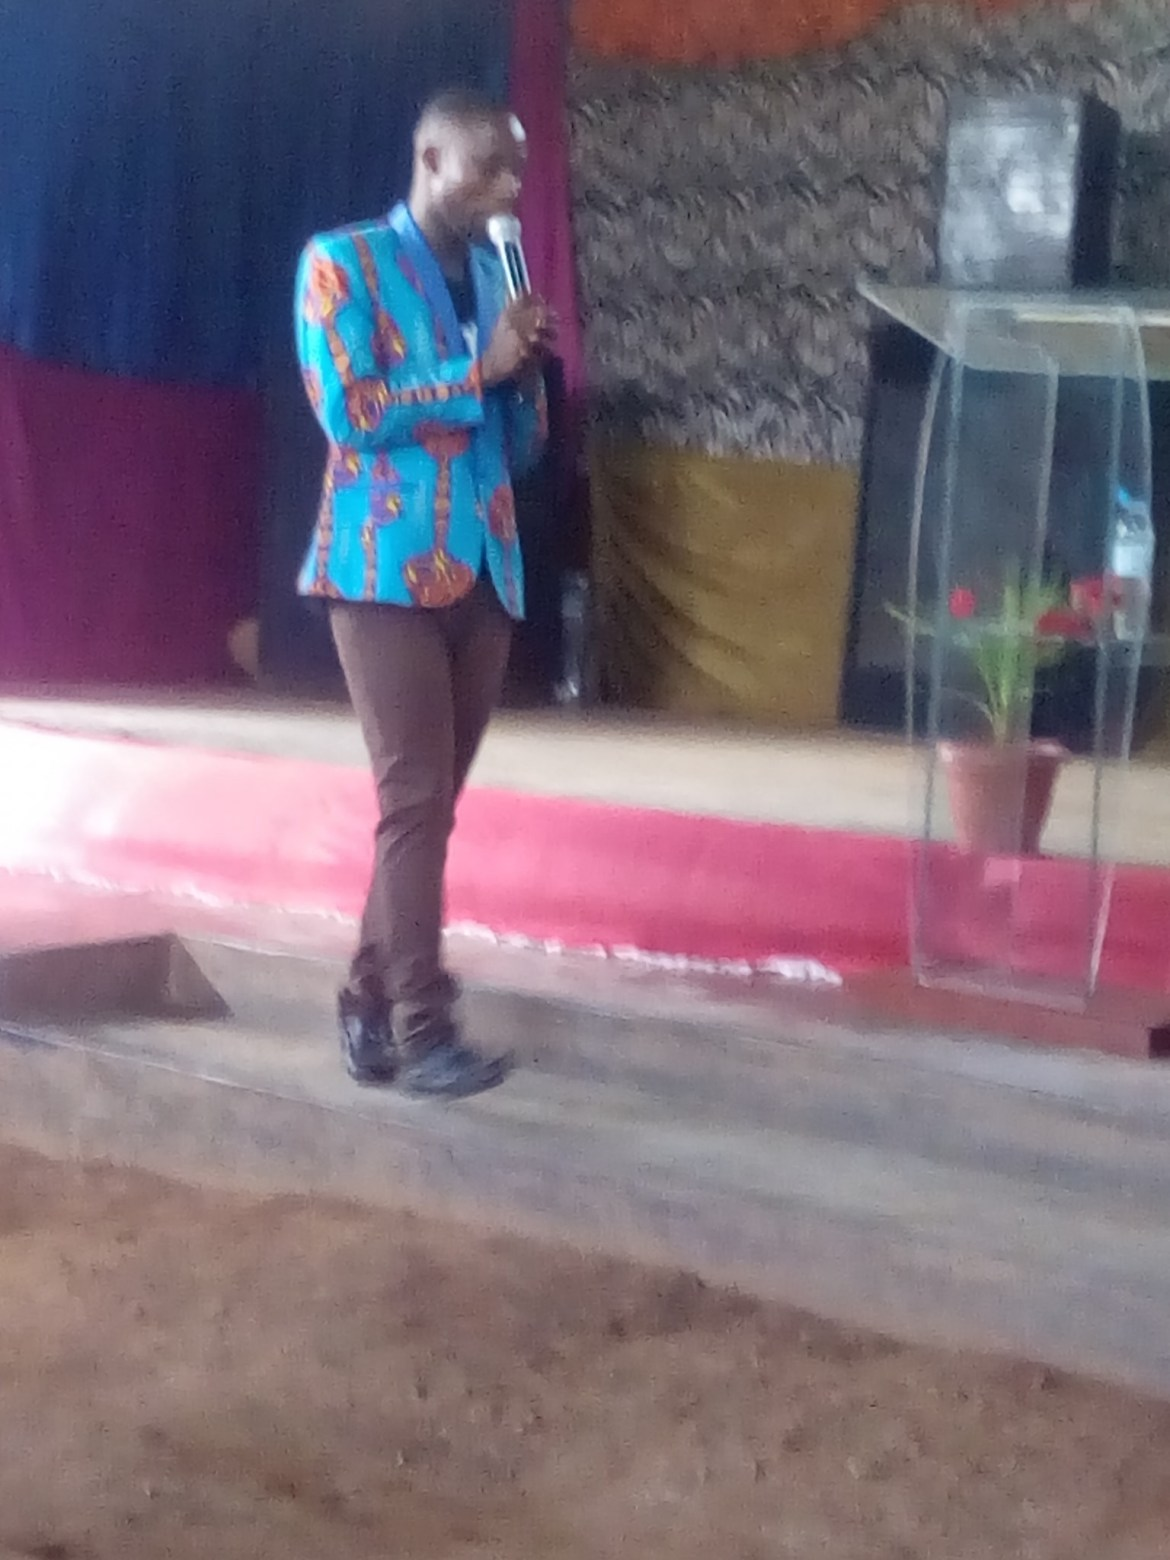 Pastor arrested for allegedly sodomizing pupils in Uganda